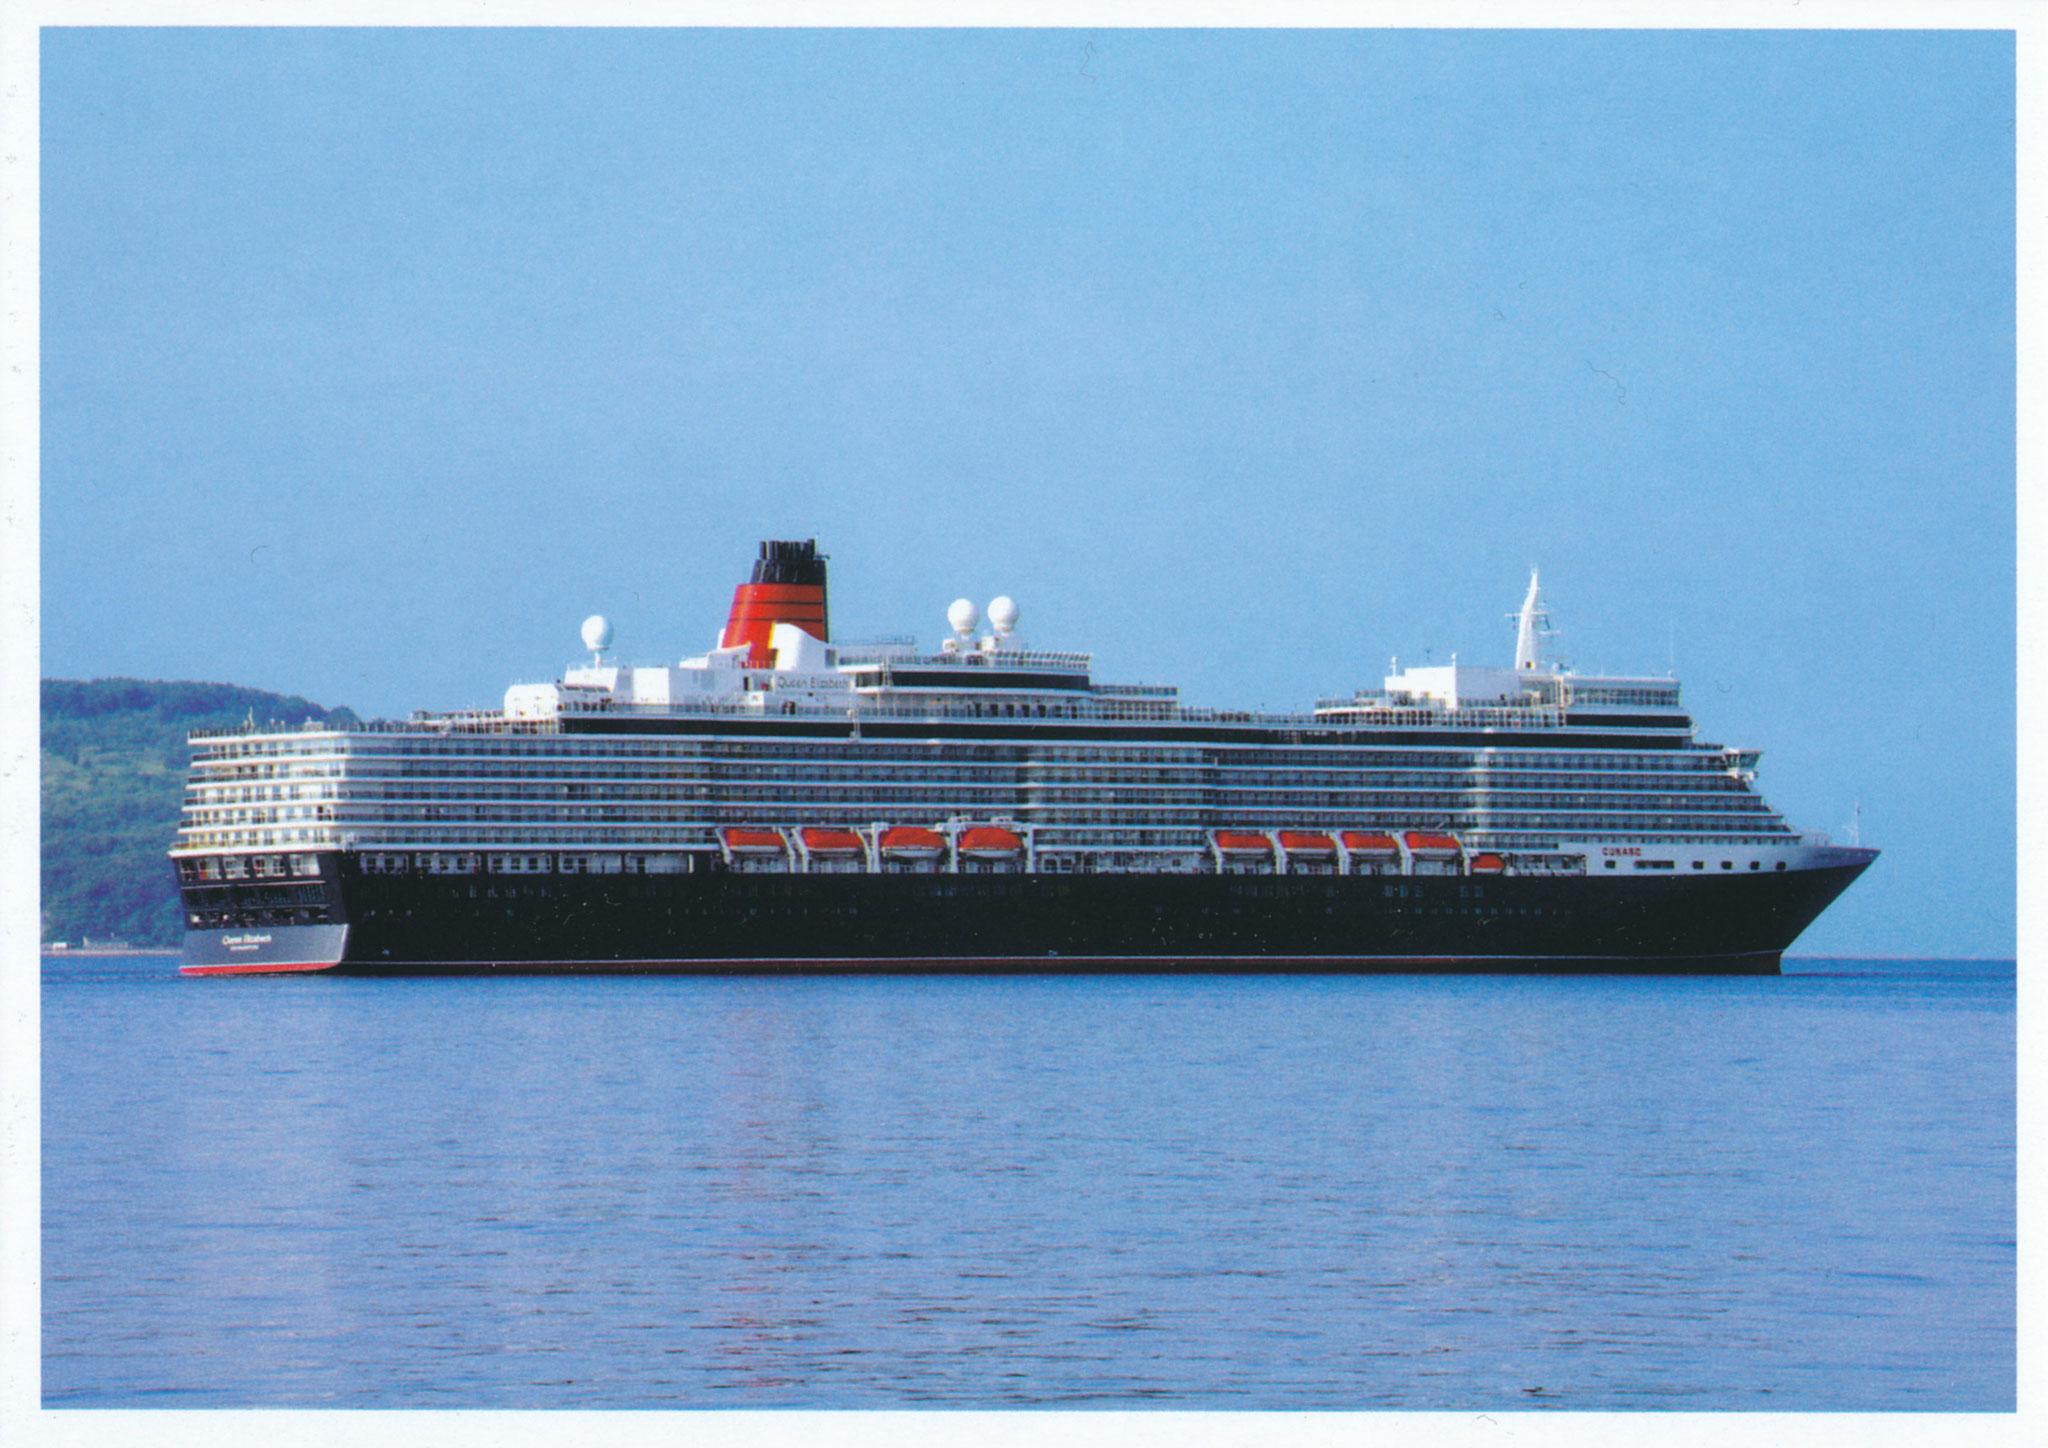 Cunard Line Kreuzfahrten und stilvolle Schiffsreisen